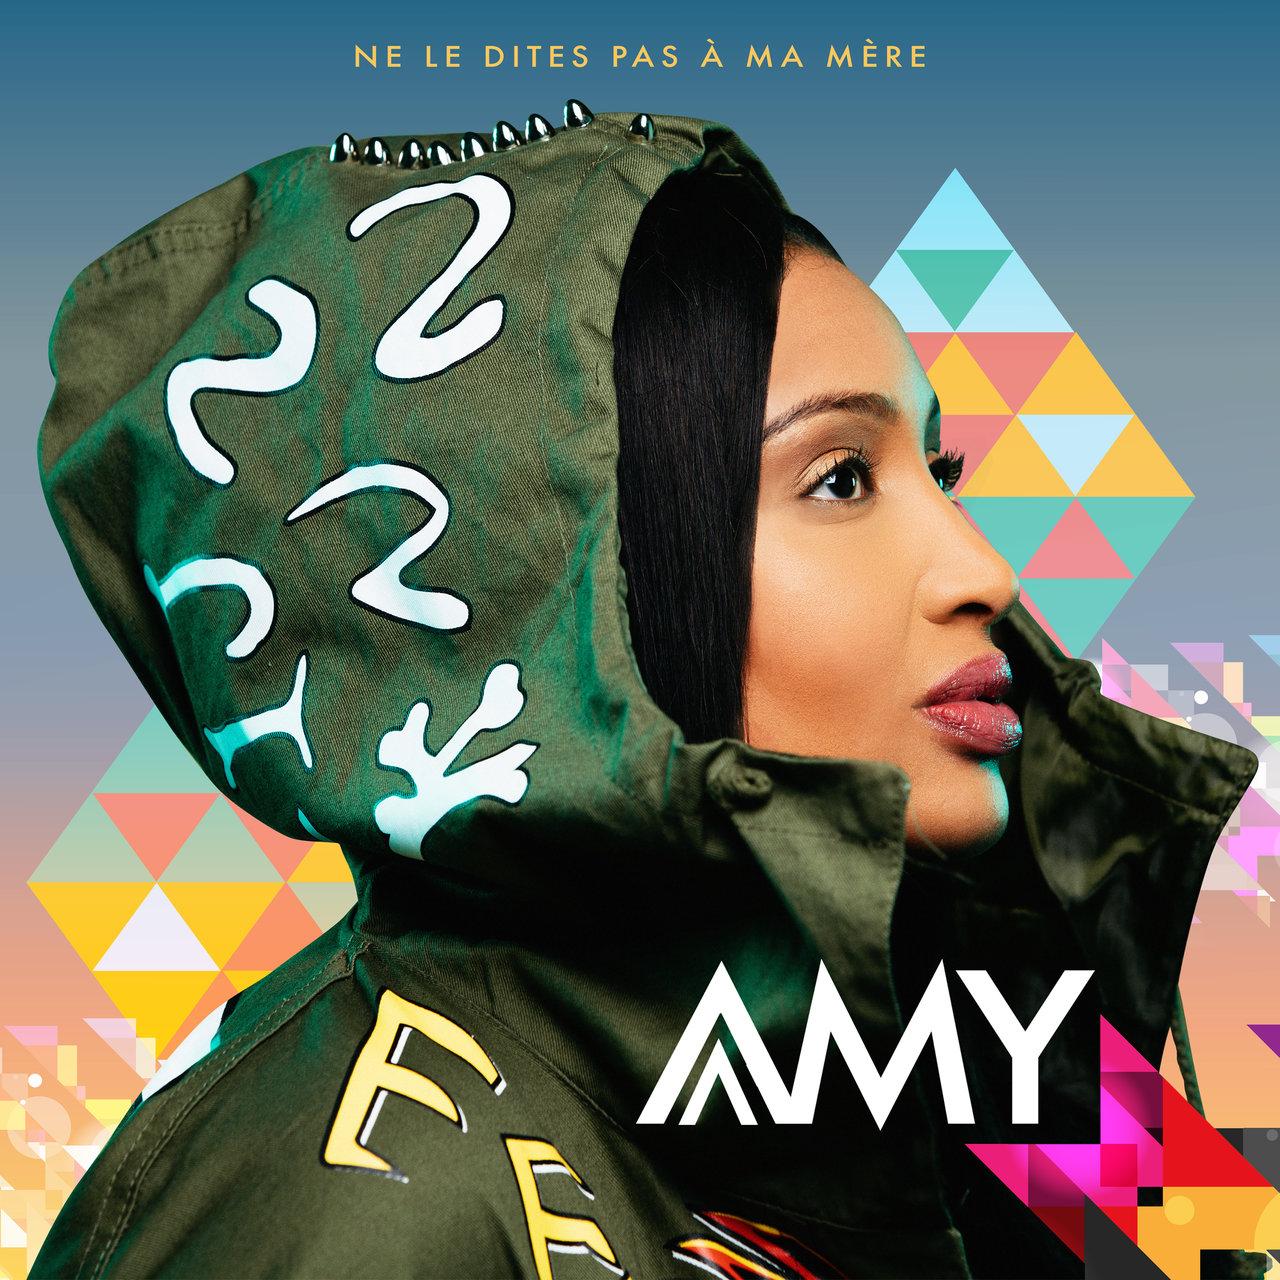 Amy - Ne Le Dites Pas A Ma Mère